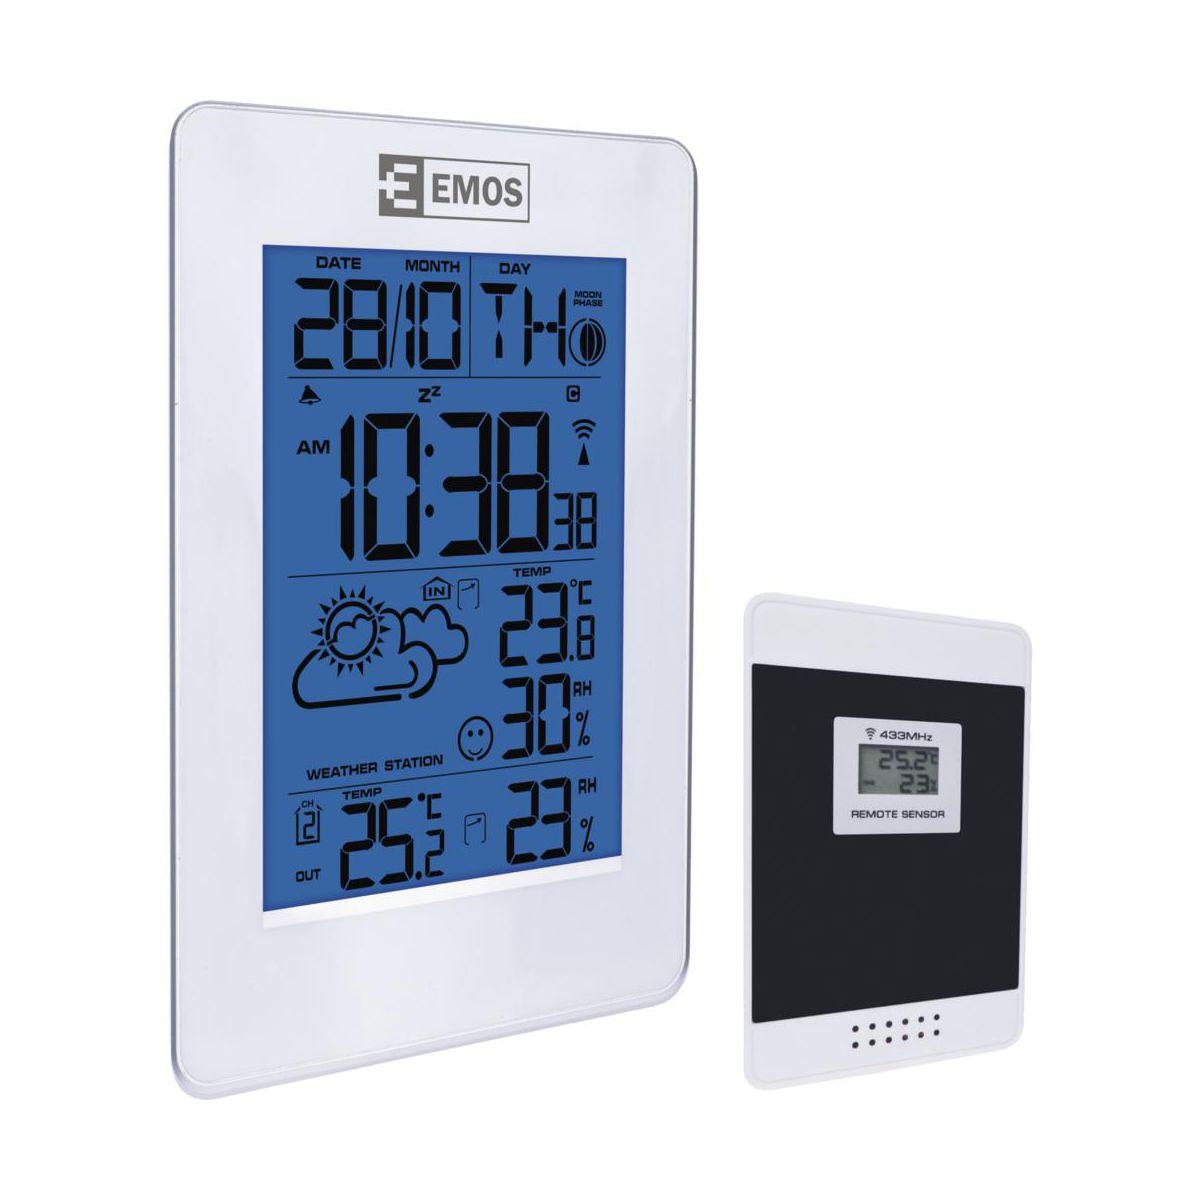 Stacja pogodowa z bezprzewodowym czujnikiem pokazujący temperatury oraz wilgotność wewnątrz i zewnątrz, a także godzinę